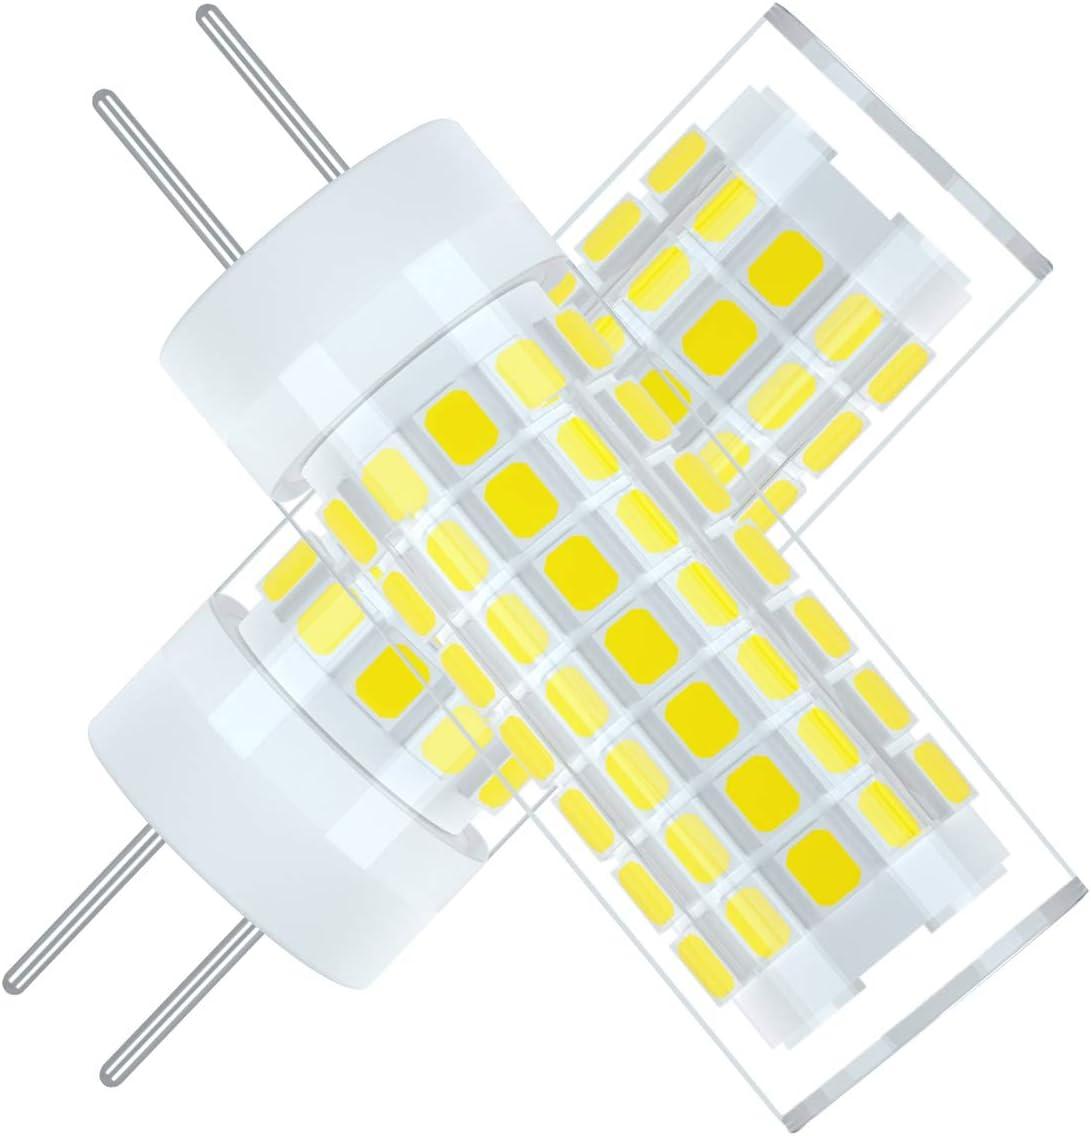 Ymm G6.35 GY6.35 Alto Brillo Bombilla LED 6W Equivalente a Lámpara Halógena de 75W,AC 95V-240V,Blanco Frio 6000K (2 unidades) [Clase de eficiencia energética A+]